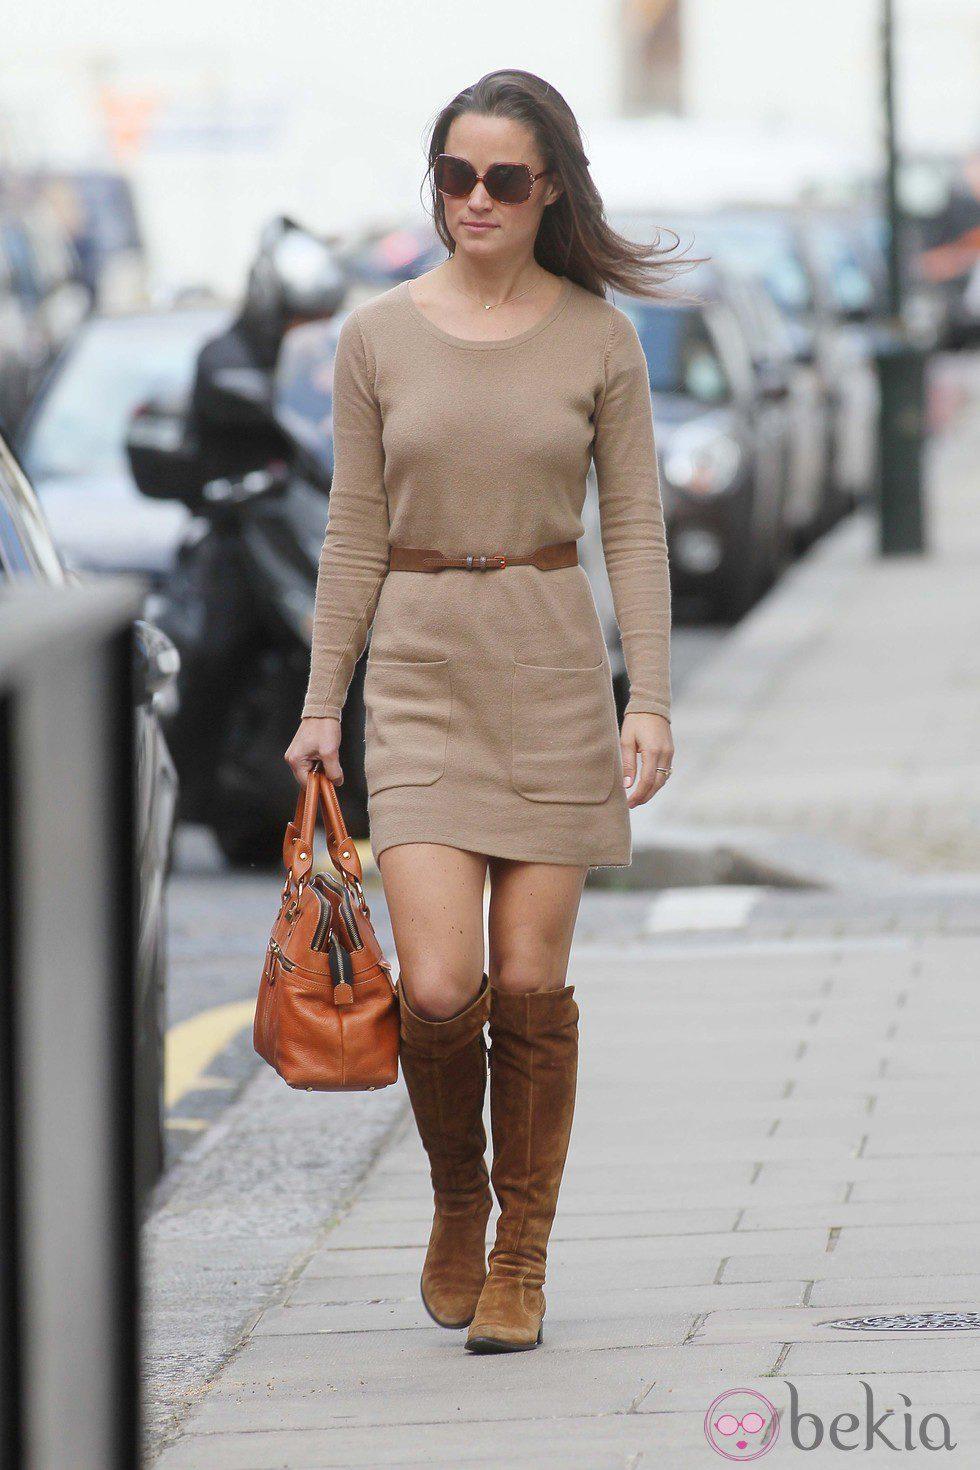 59b3fa1bf Pippa Middleton con vestido de punto en color camel y botas altas ...